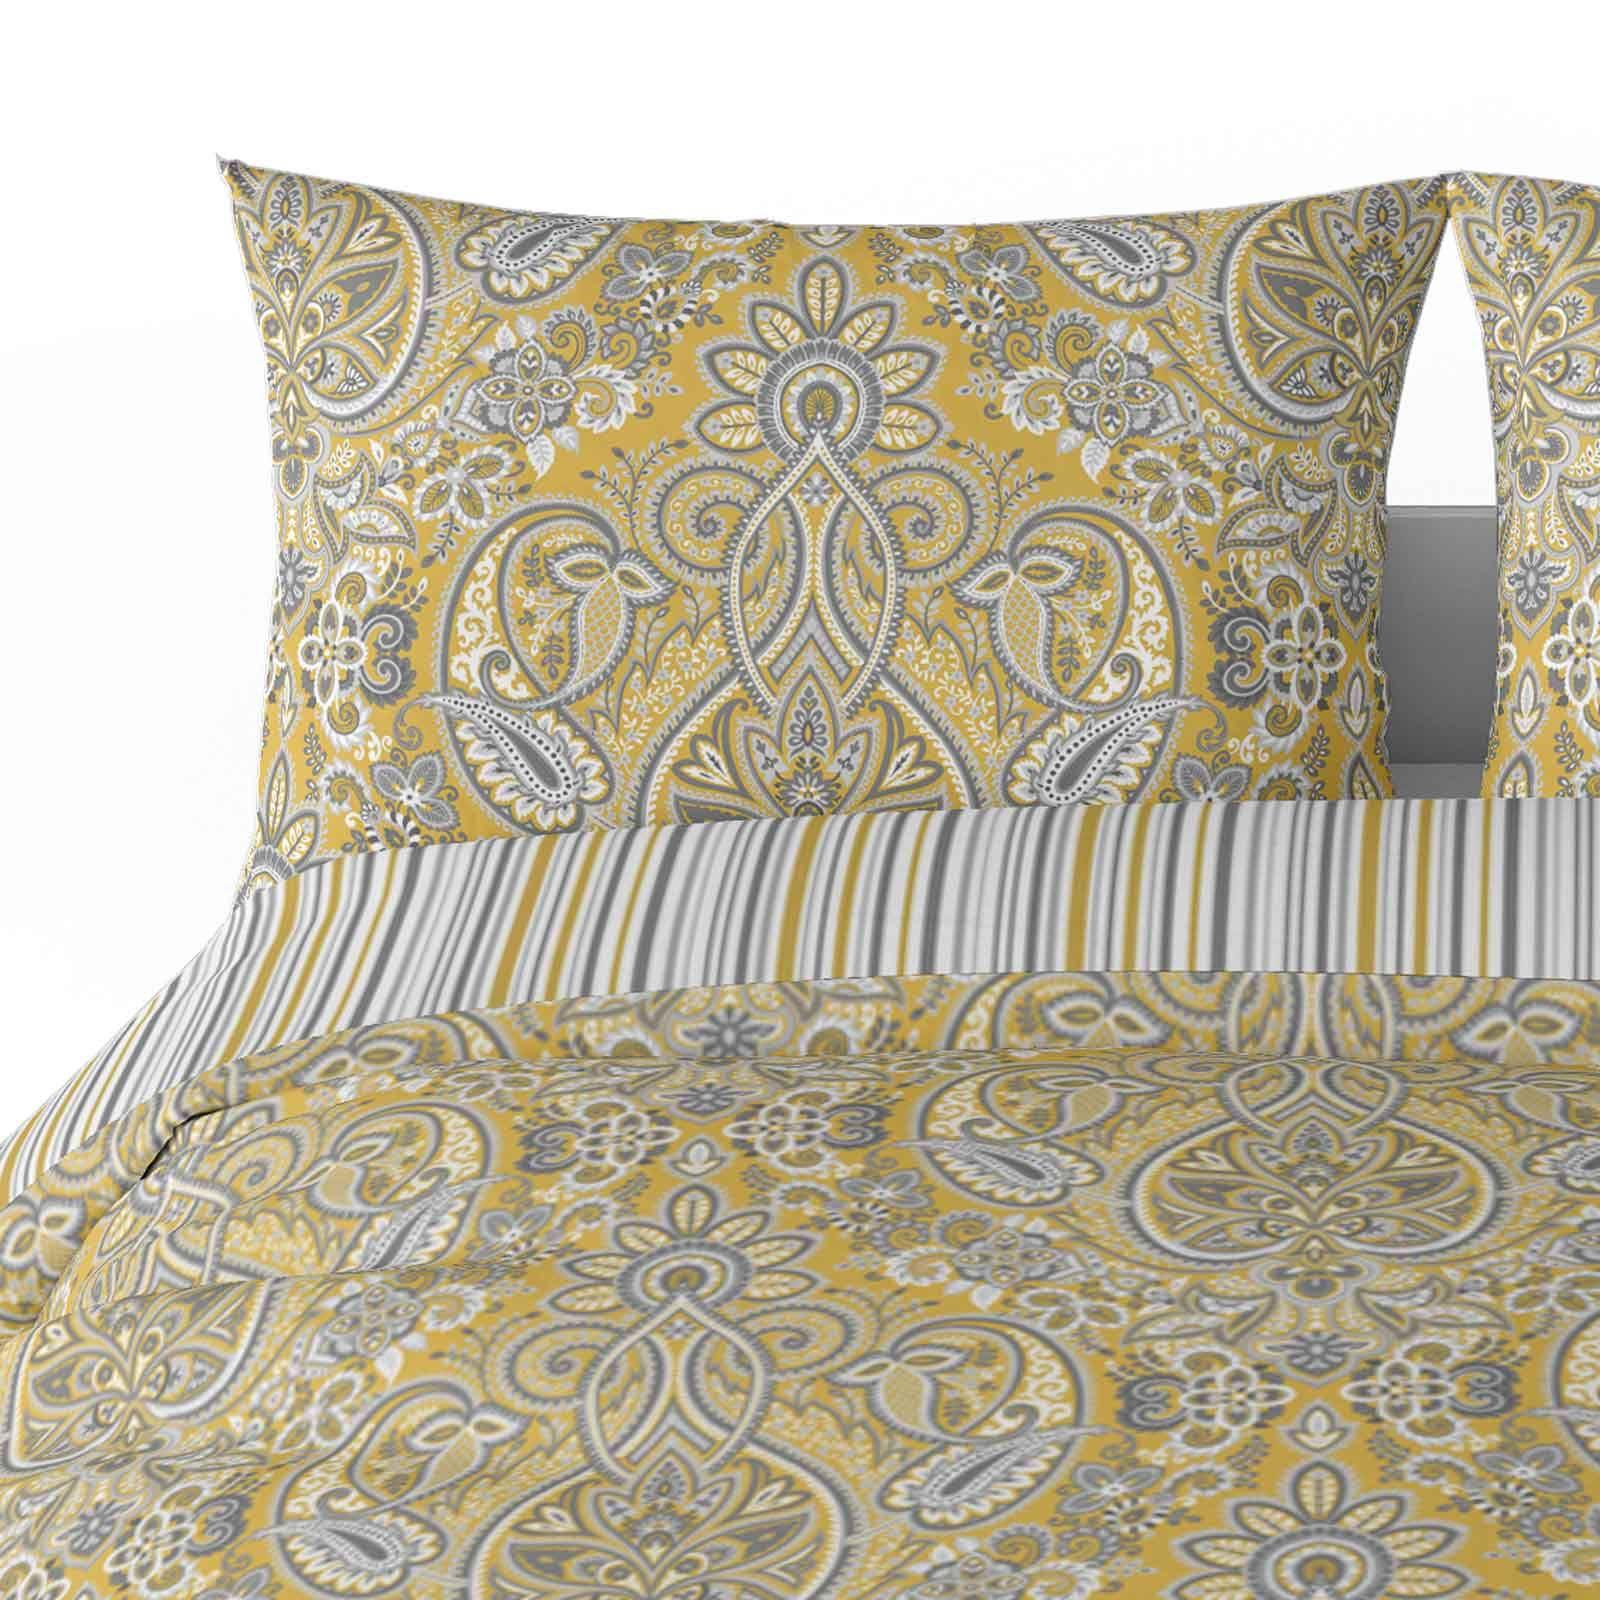 Mostaza-amarillo-ocre-Funda-de-edredon-impreso-Edredon-juego-ropa-de-cama-cubre-conjuntos miniatura 42